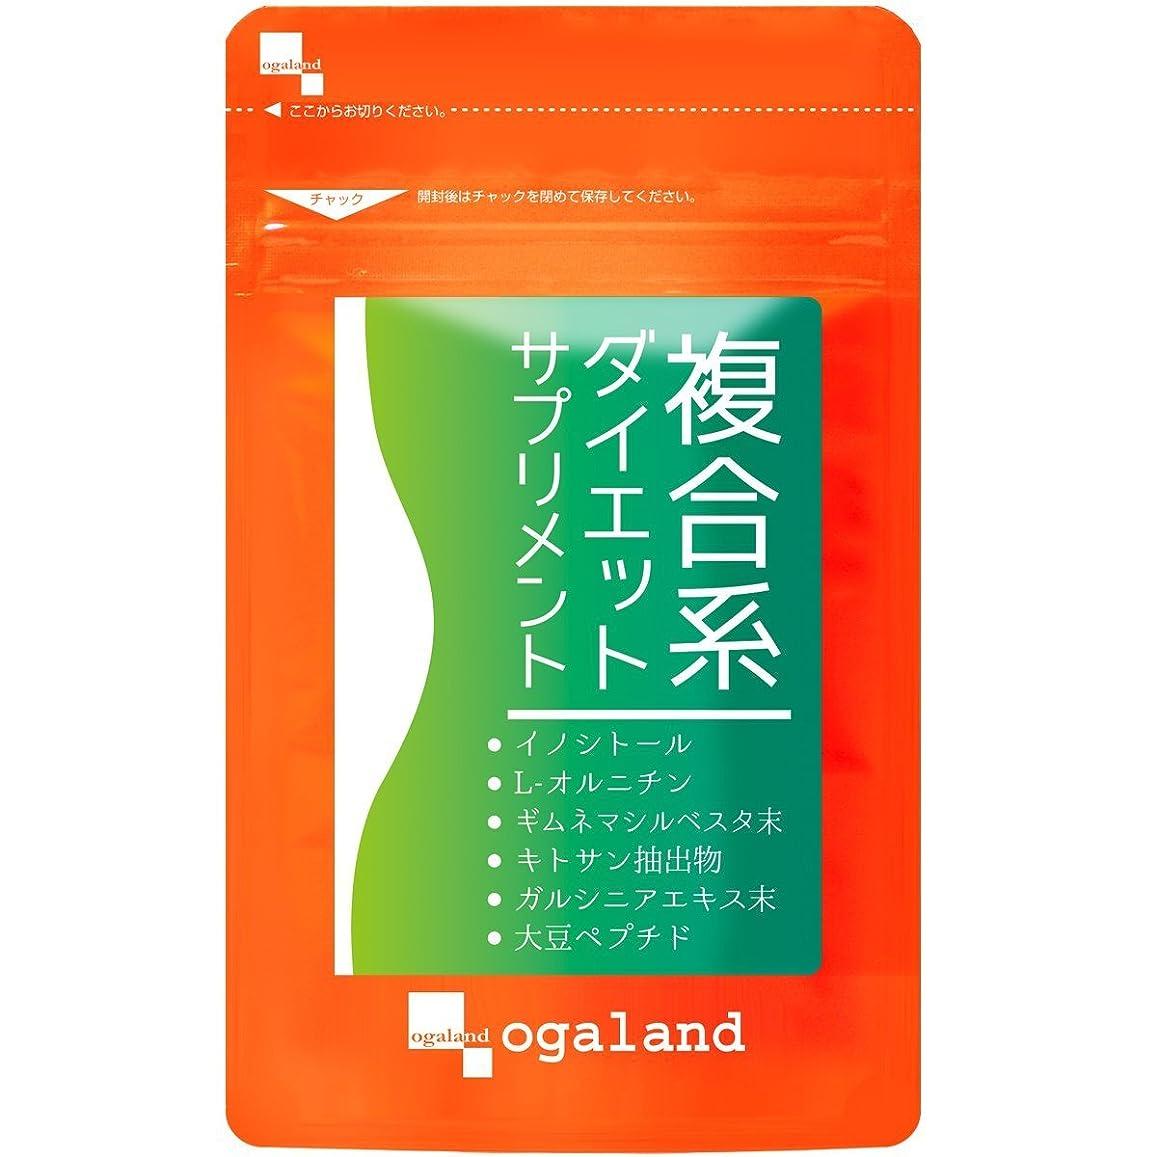 並外れた突撃バース【Amazon.co.jp限定】複合系ダイエットサプリメント 90粒